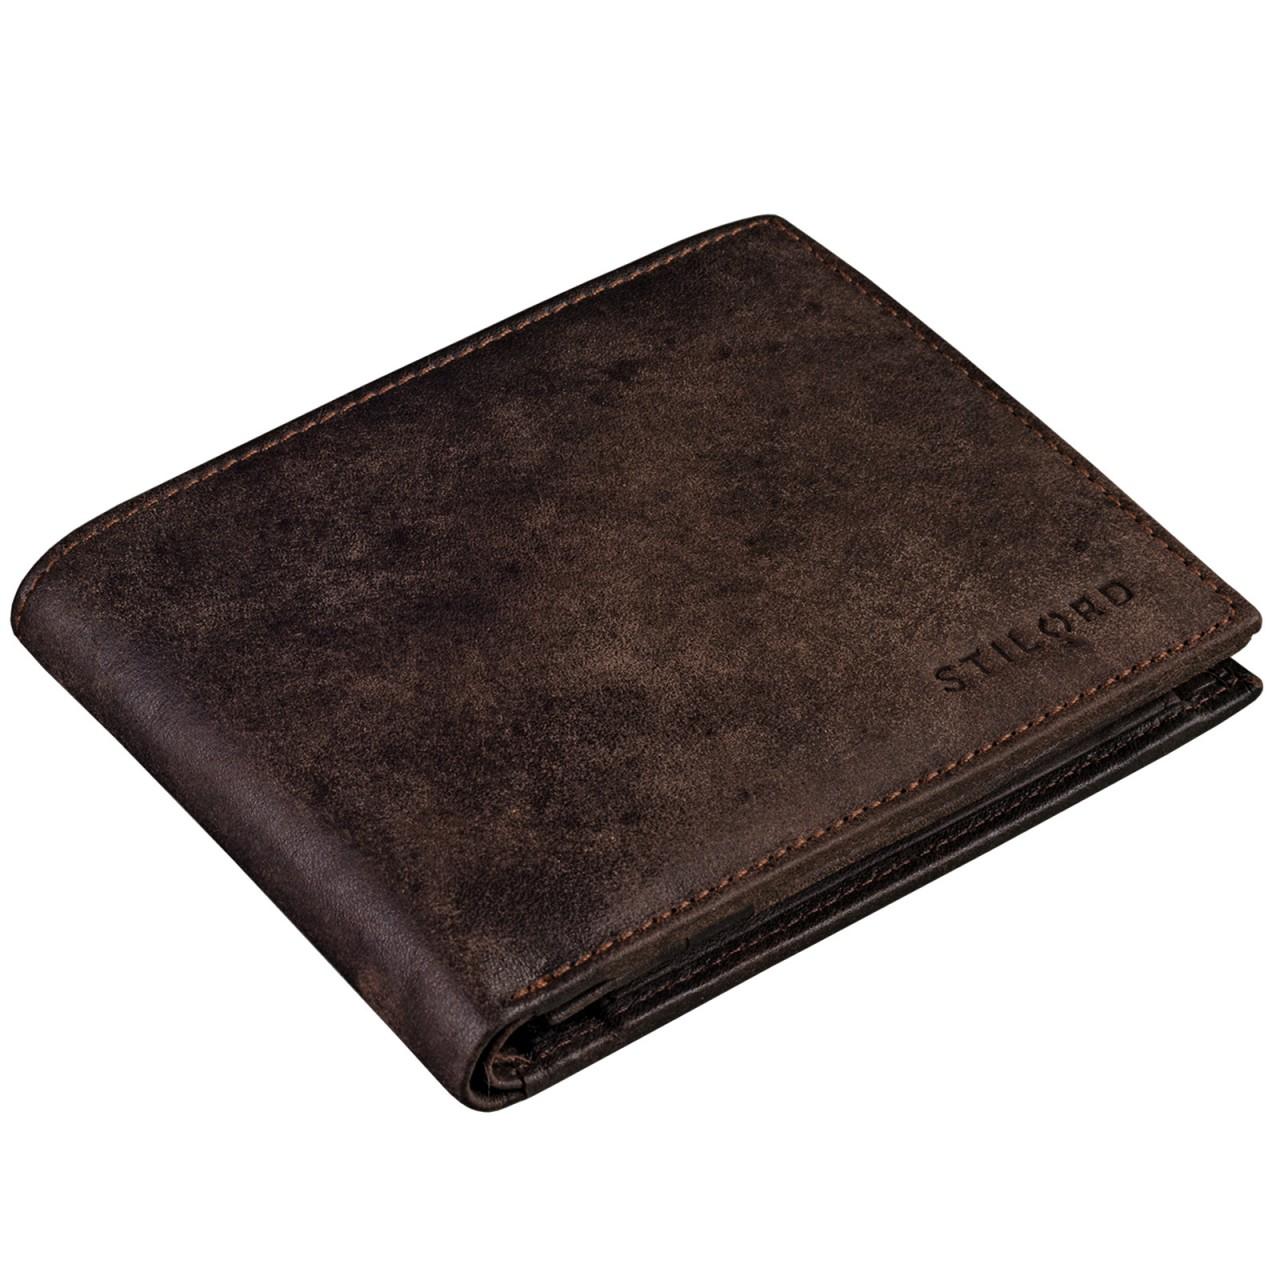 """STILORD """"Chester"""" Vintage Leder Geldbörse mit EC-Karten Schutz Herren Portemonnaie Brieftasche elegant  Retro Rindsleder - Bild 2"""